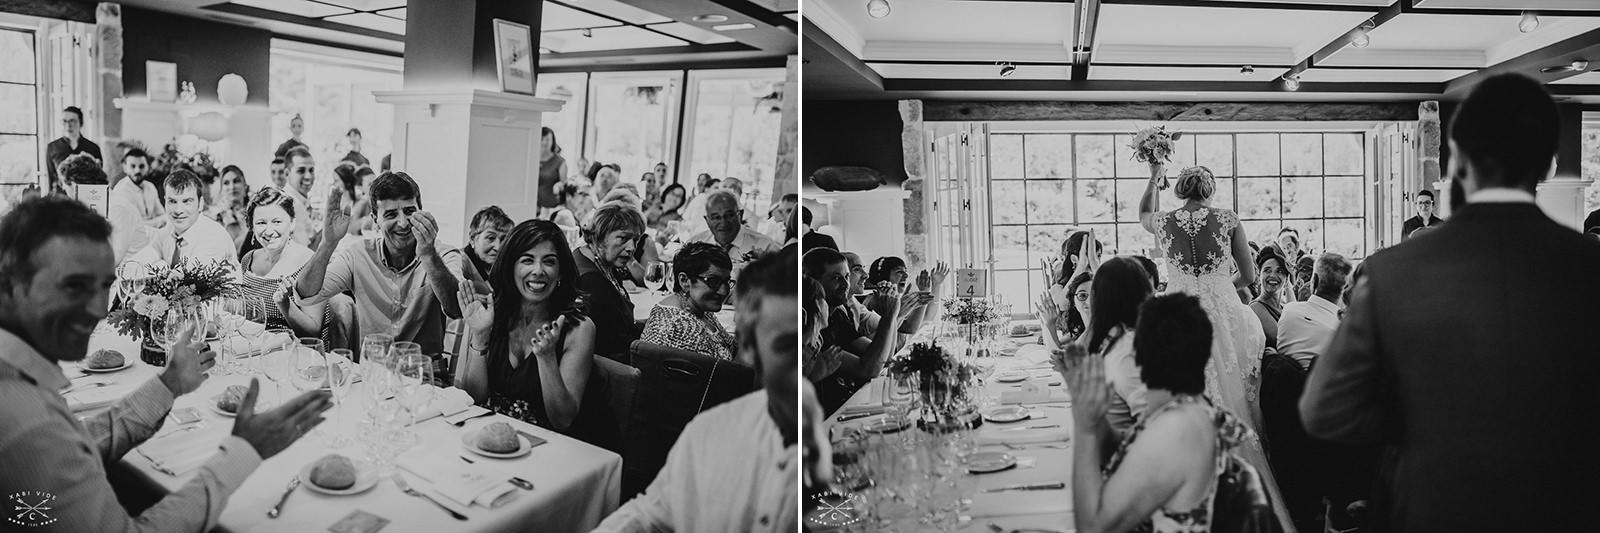 boda restaurante aboiz bodas-109